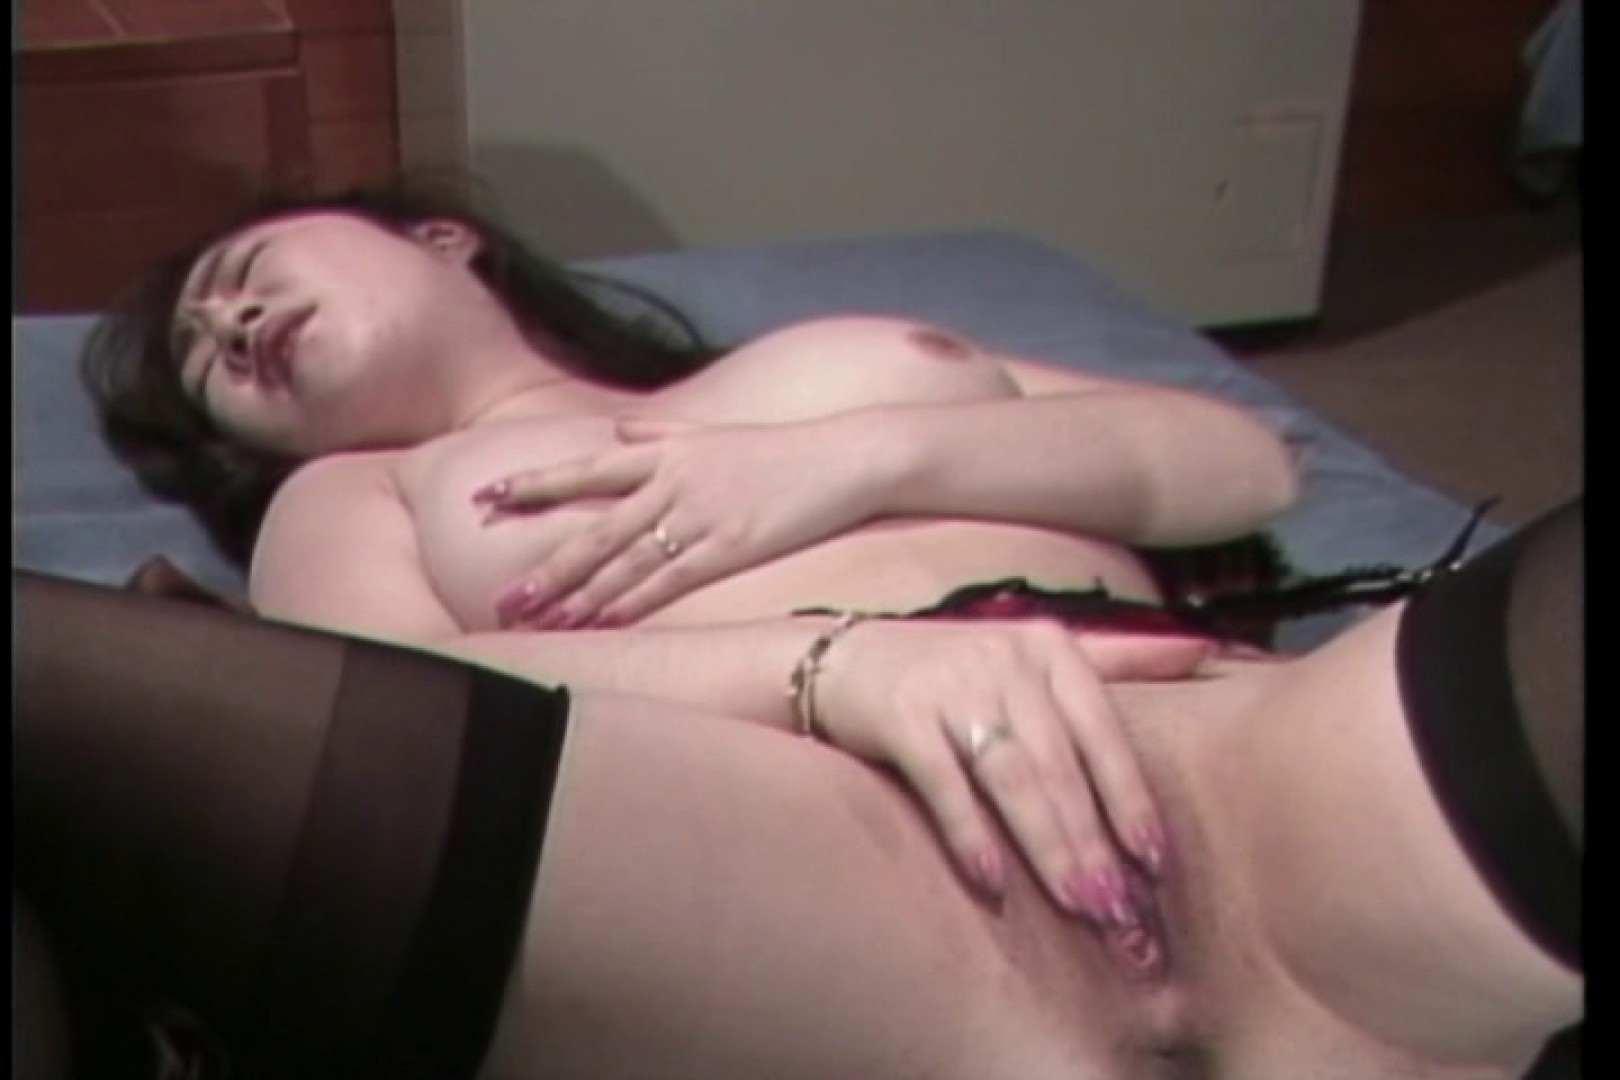 変態亜美のアブノーマルな世界・前編~夢野亜美~ オナニー特集   巨乳デカ乳  112画像 71